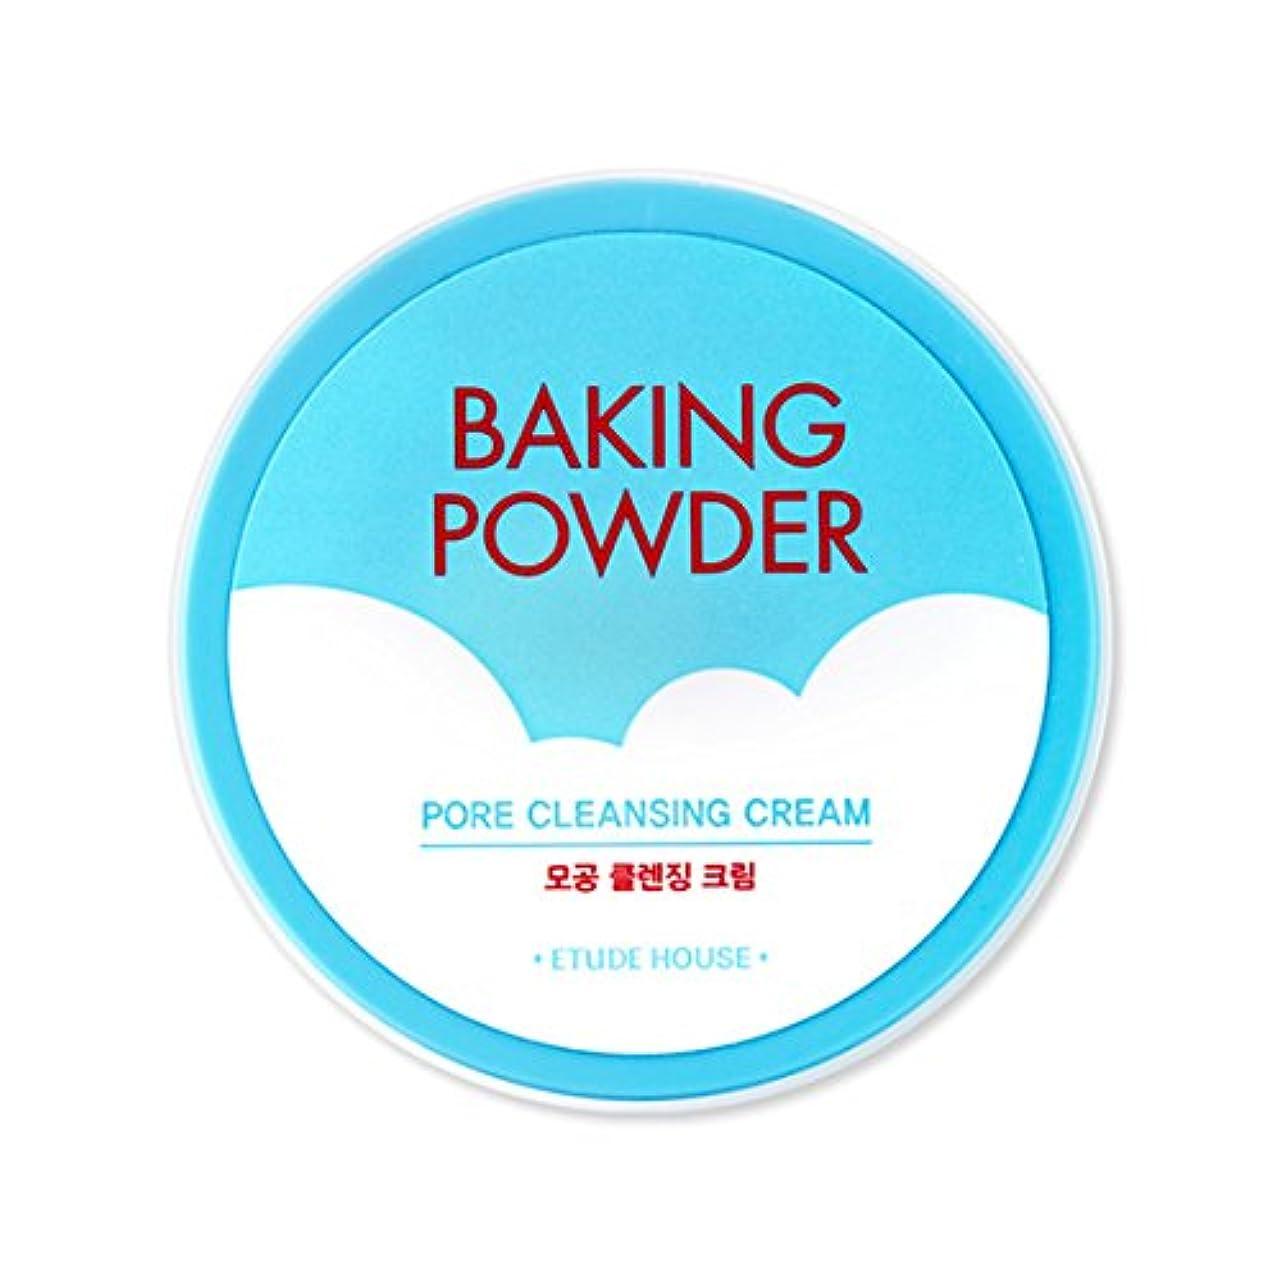 バーベキュー無許可水没[2016 Upgrade!] ETUDE HOUSE Baking Powder Pore Cleansing Cream 180ml/エチュードハウス ベーキング パウダー ポア クレンジング クリーム 180ml...